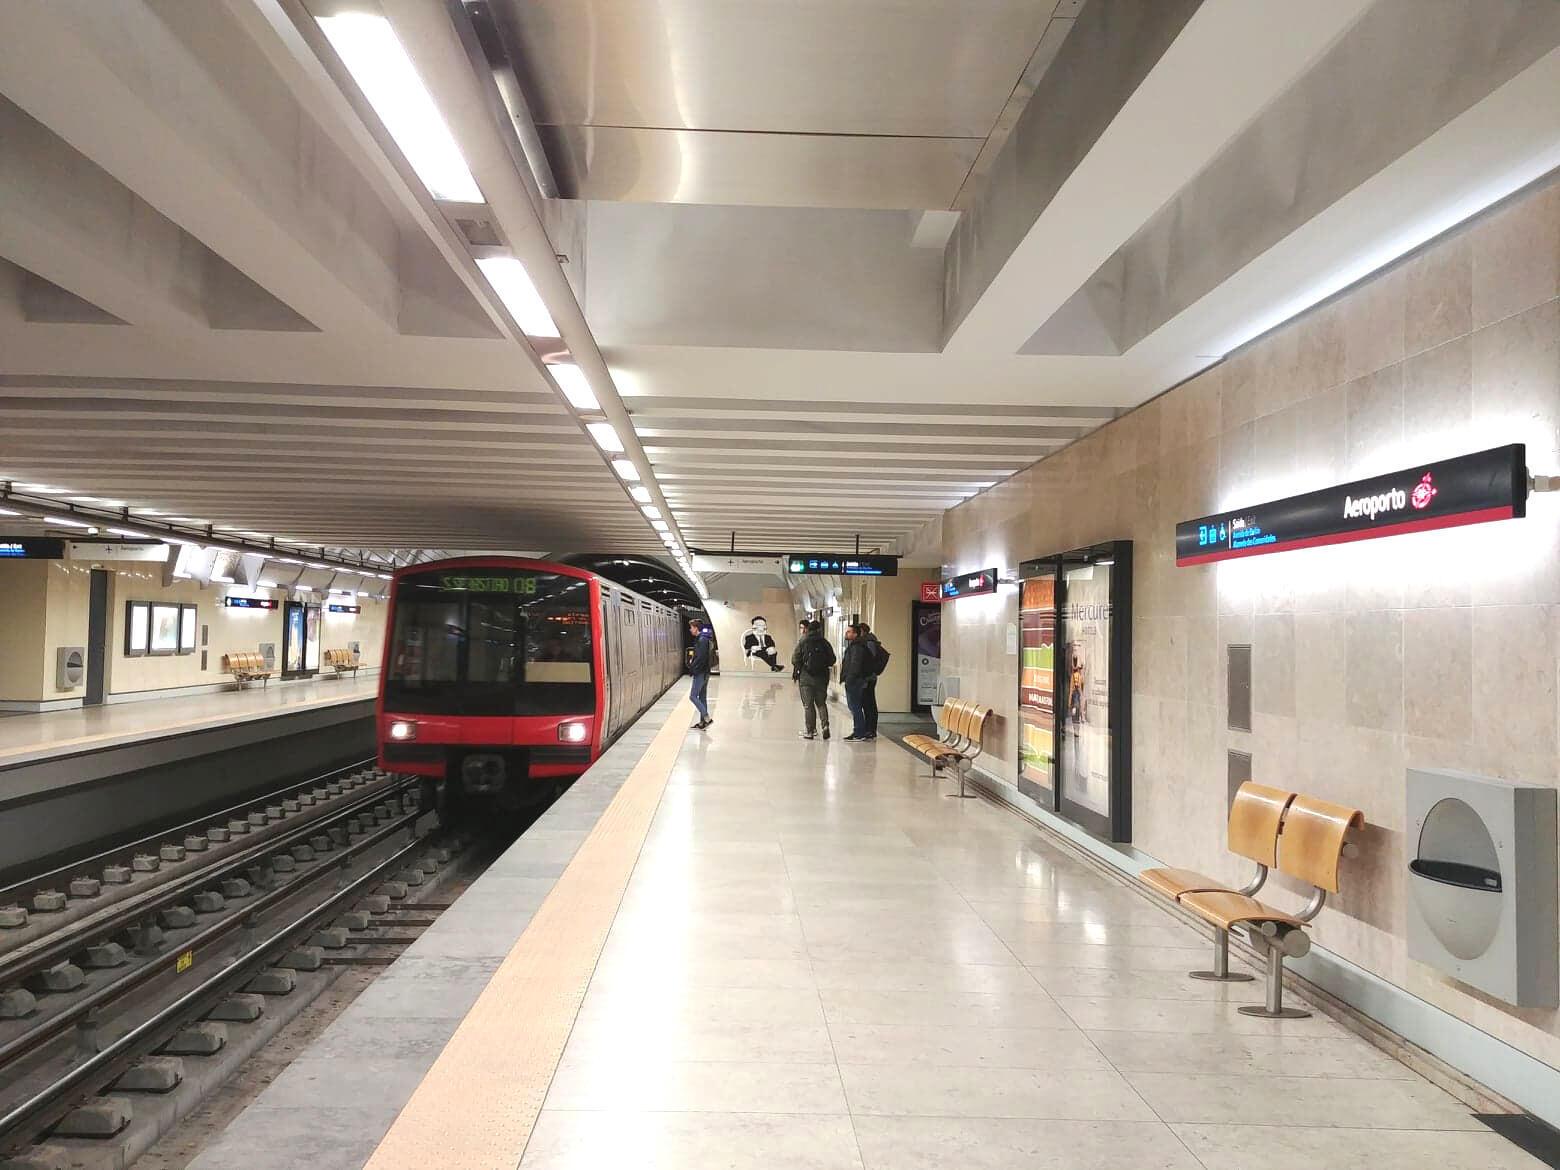 Vé xe điện ngầm từ phi trường vào trung tâm Lisbon rẻ gấp 4 lần so với Paris